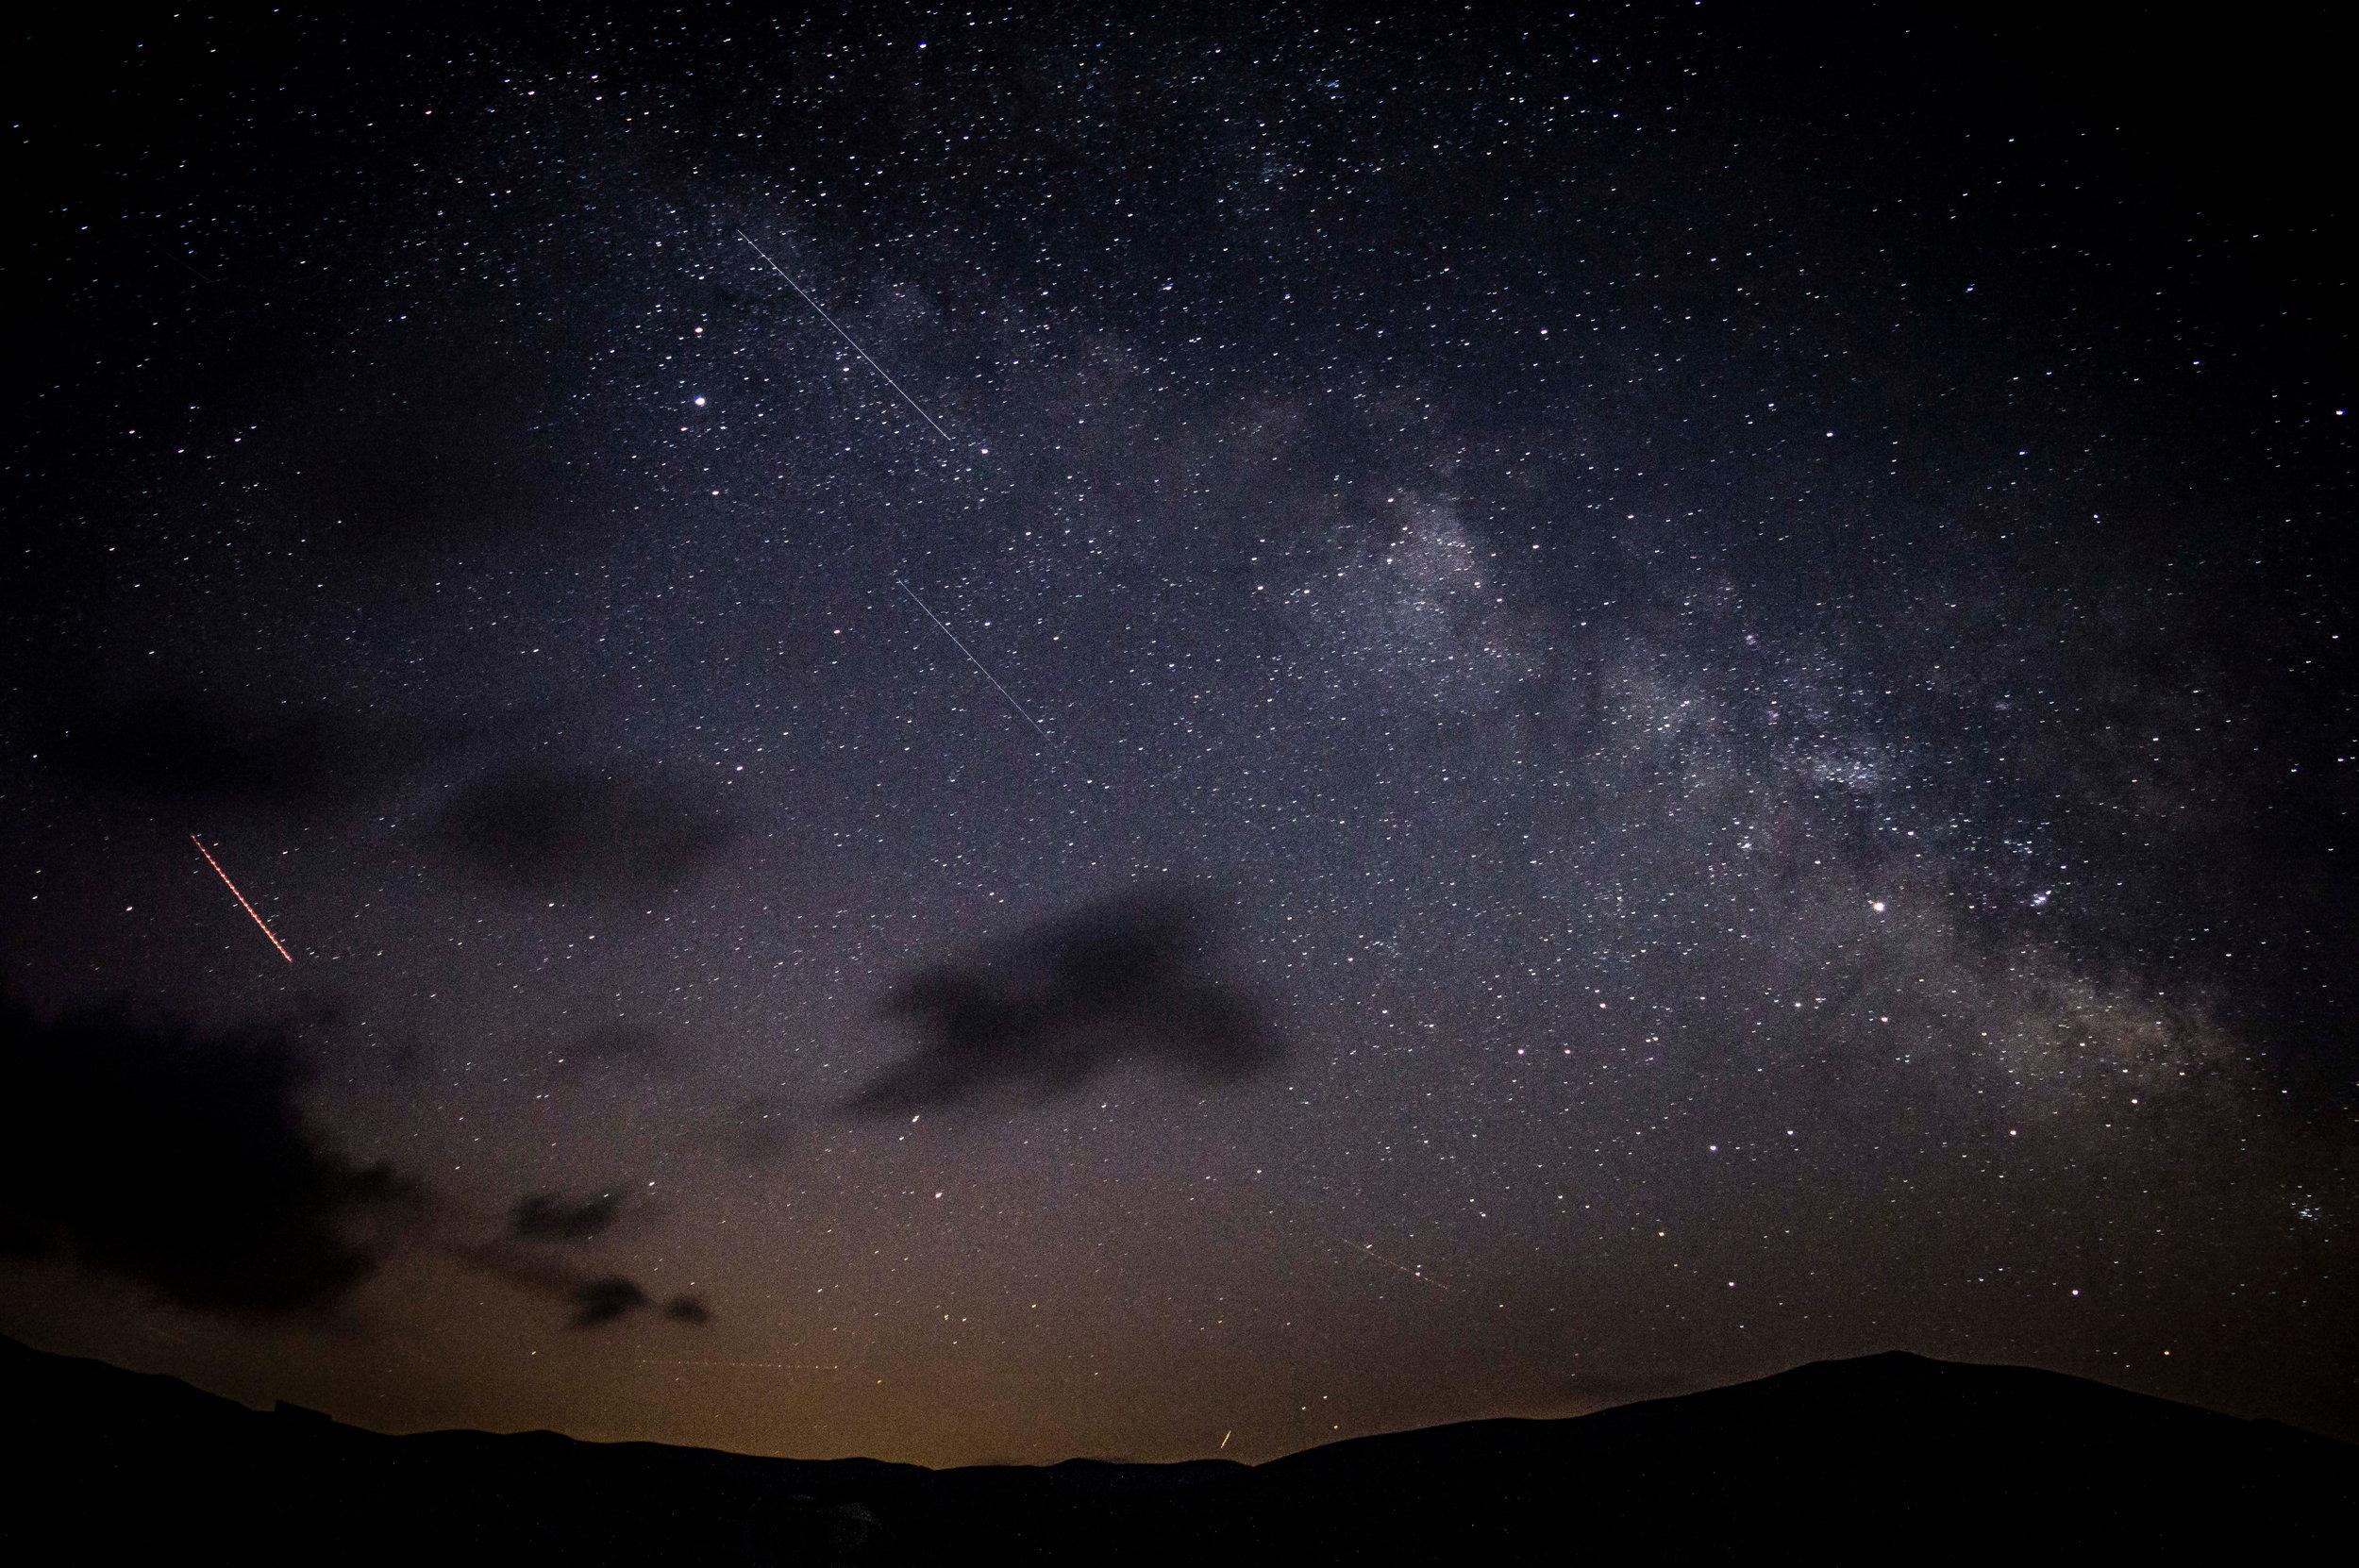 summer bucket list - sleep under the stars